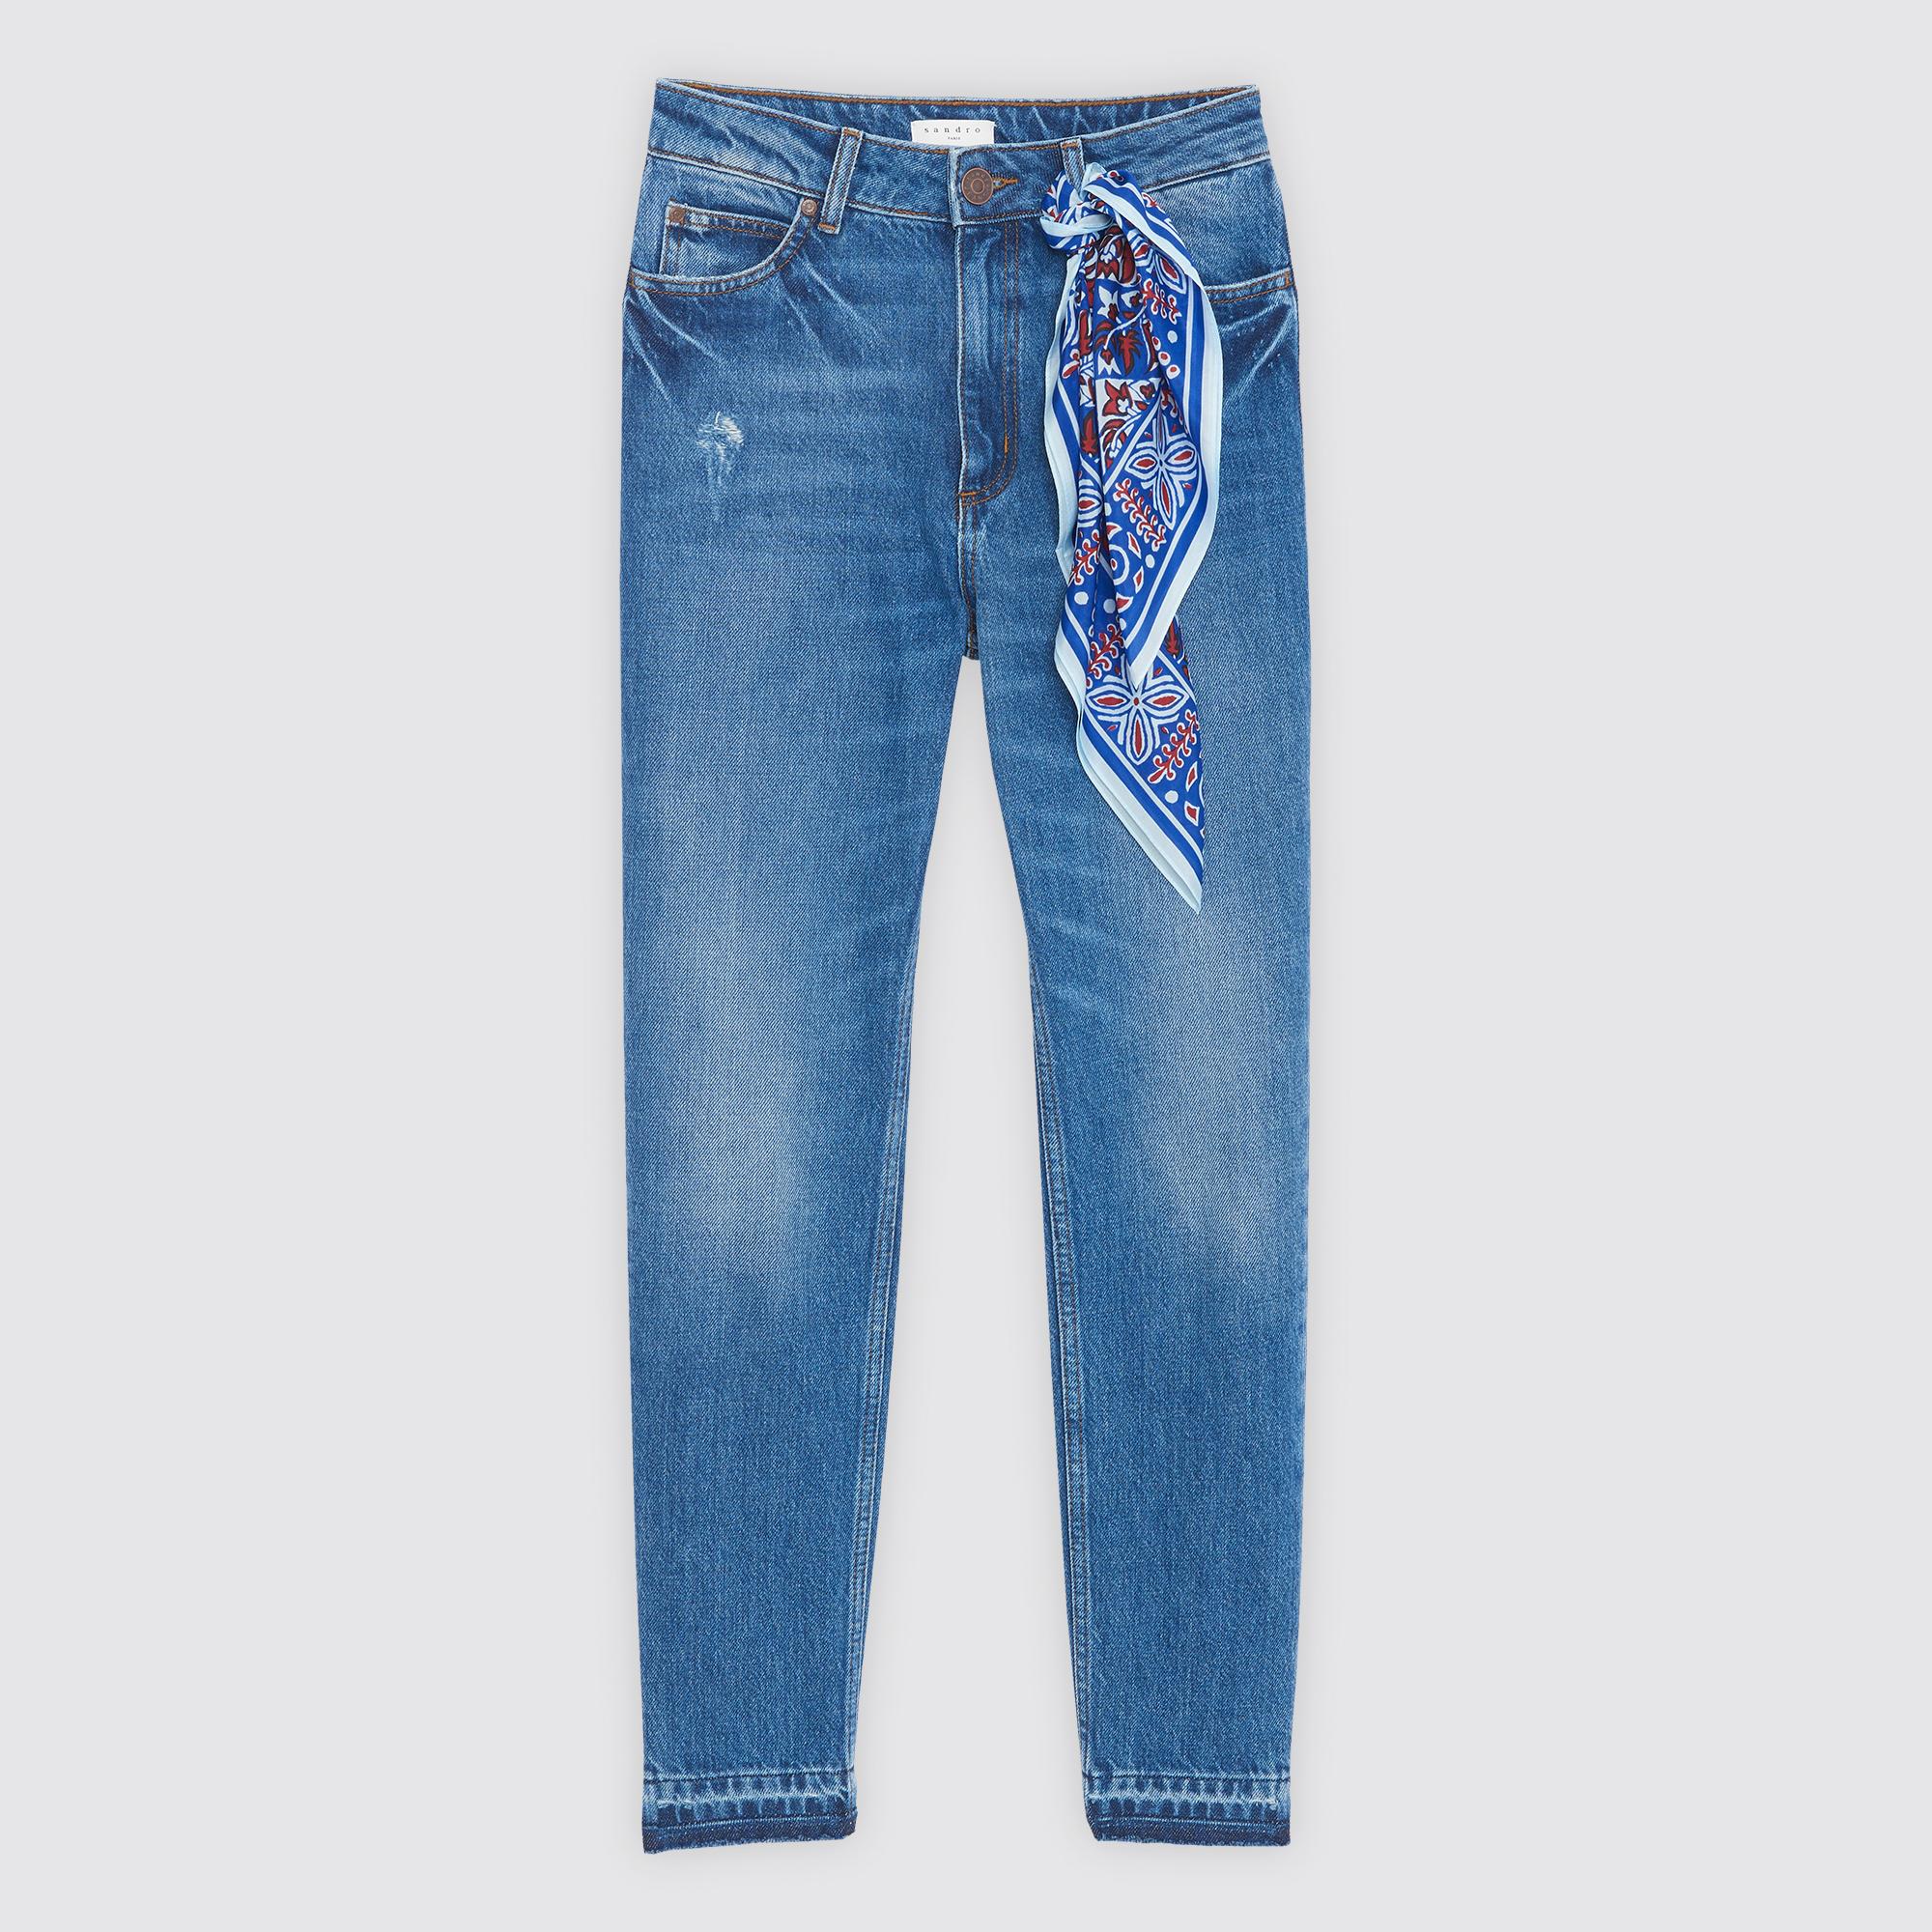 Jeans a vita alta con inserti : Jeans colore Blue Vintage - Denim